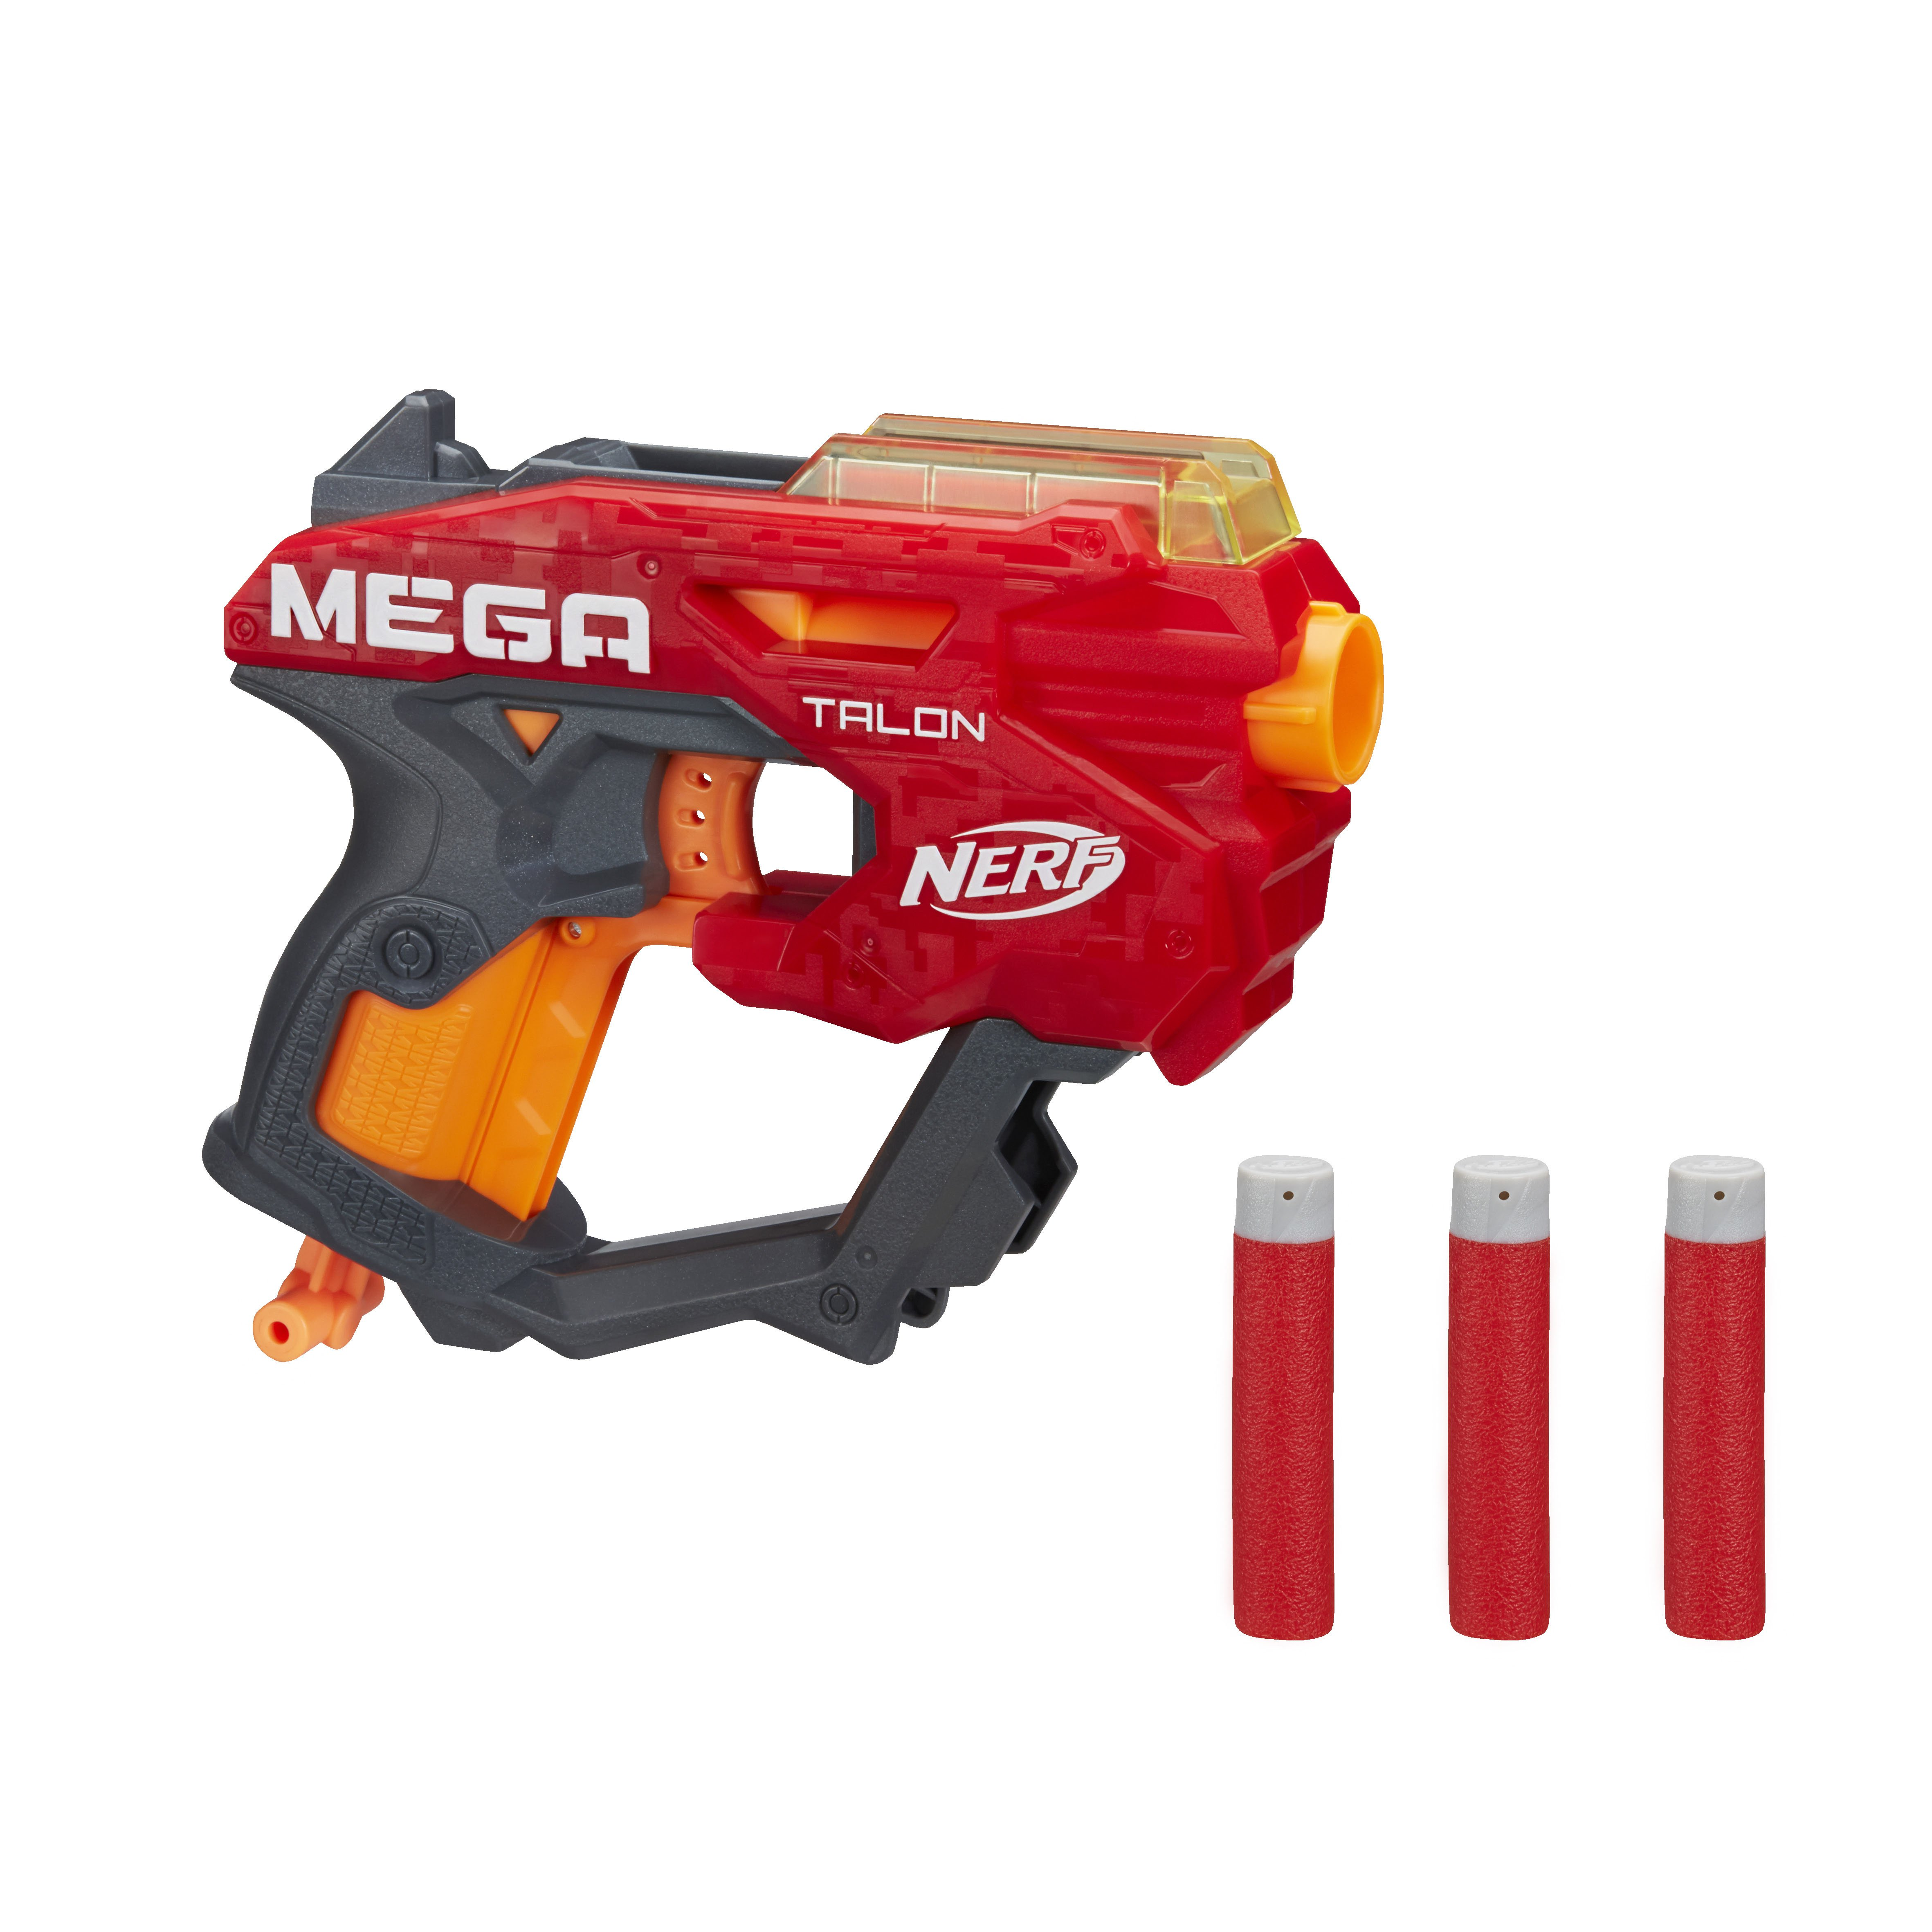 E6182 NERF MEGA TALON